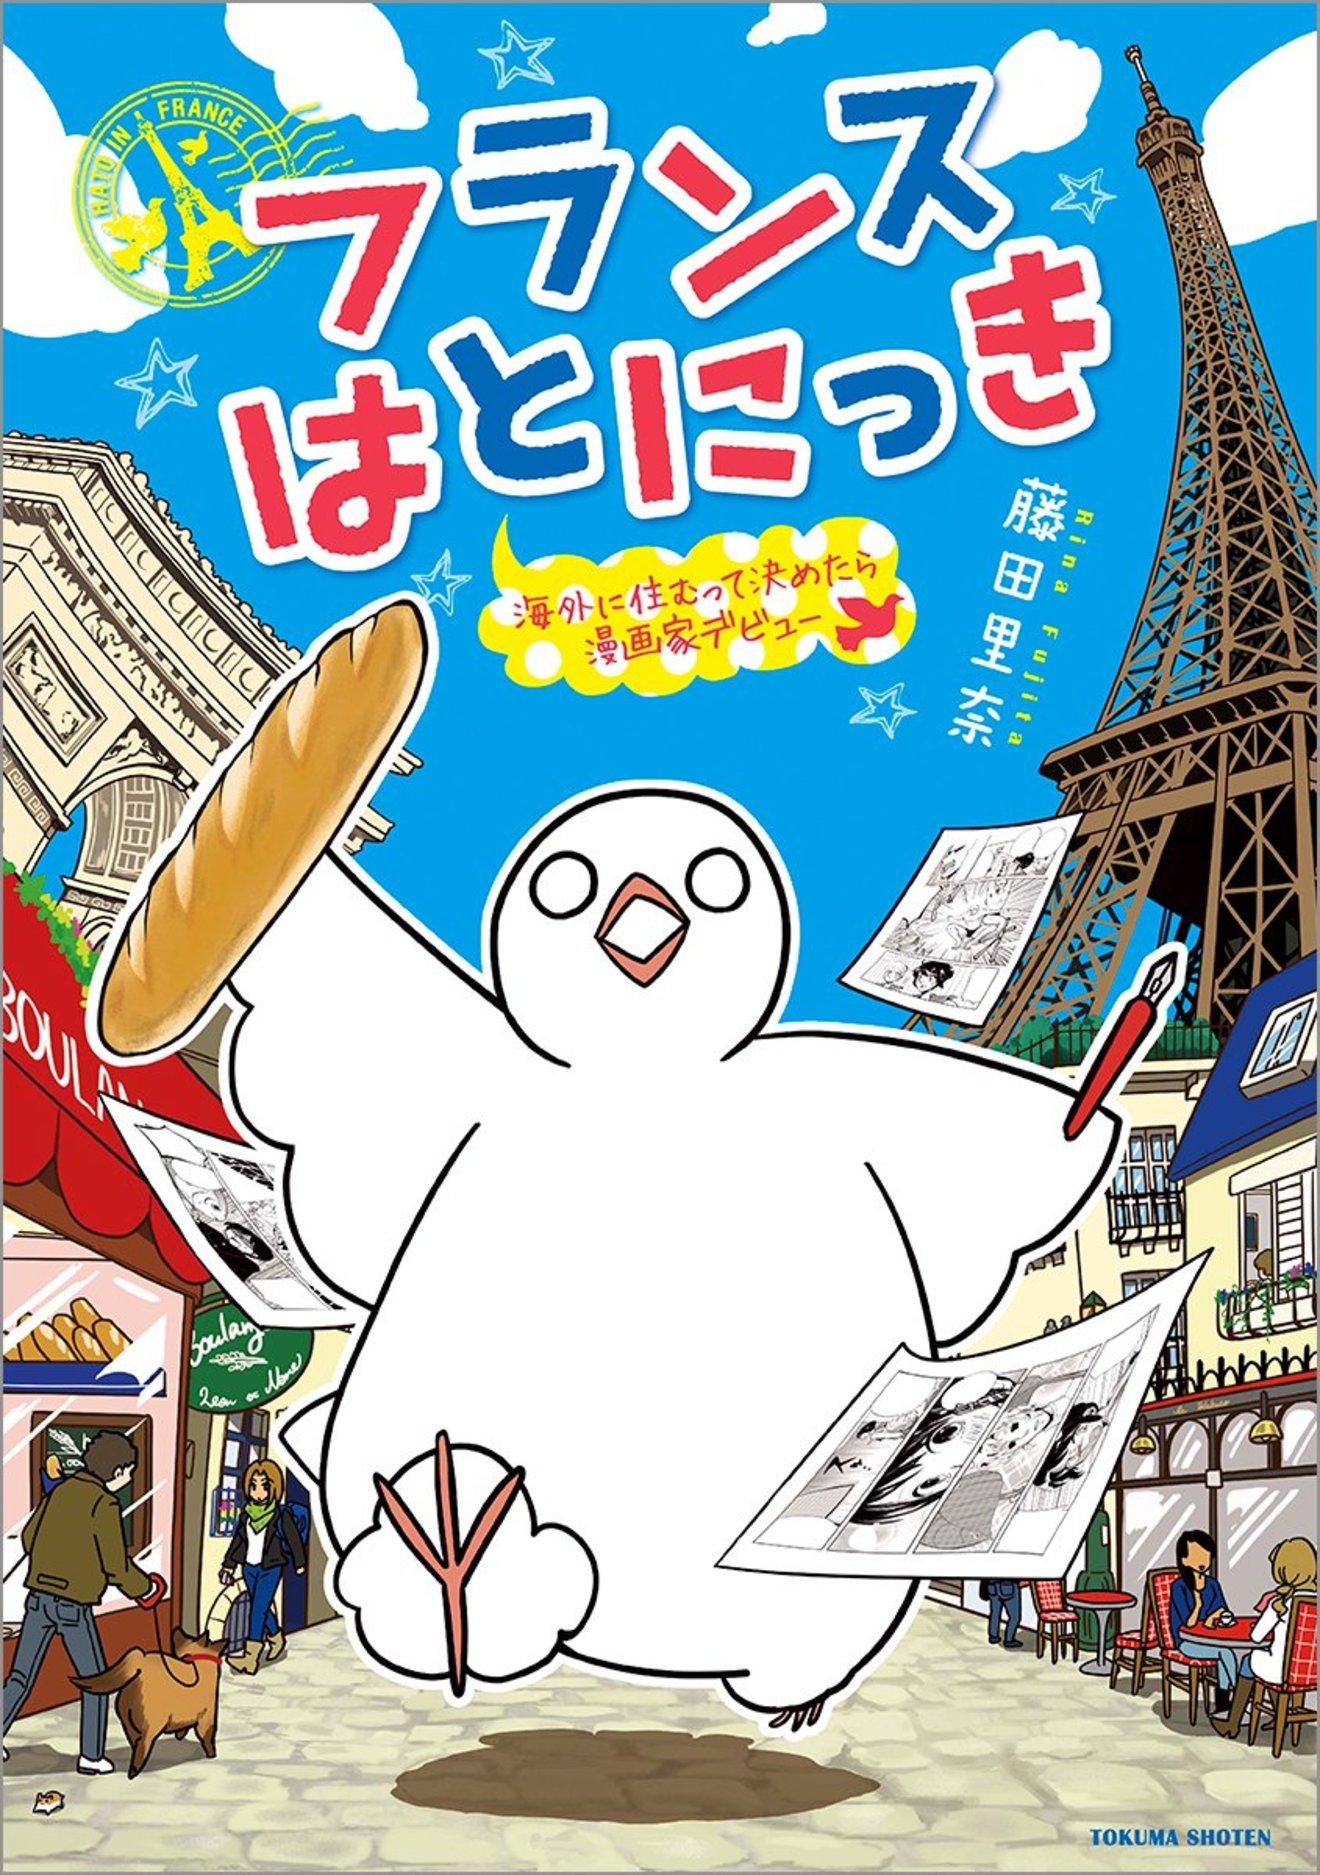 漫画『フランスはとにっき』の見どころをネタバレ徹底紹介!